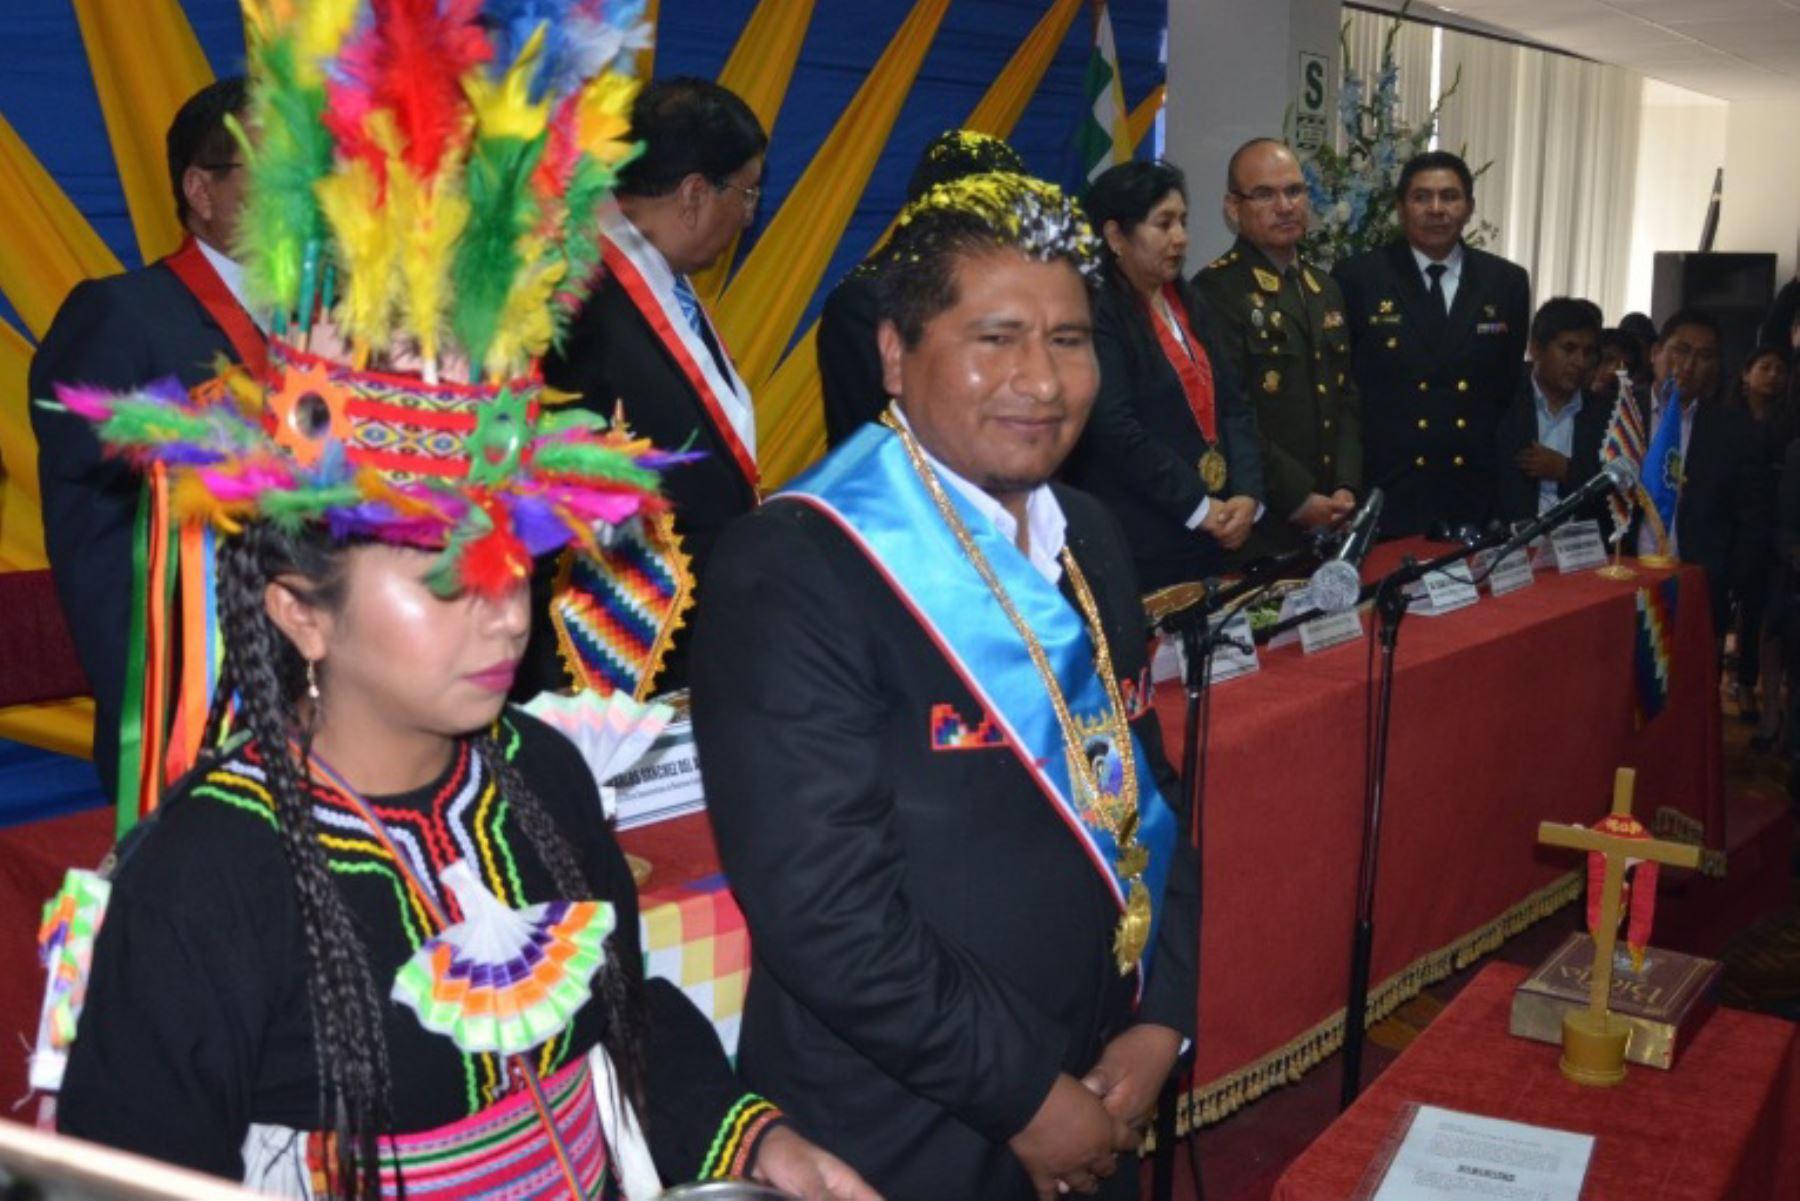 Wañter Adubiri como nuevo gobernador regional de Puno para el período 2019-2022. (Foto: Gobierno Regional de Puno)